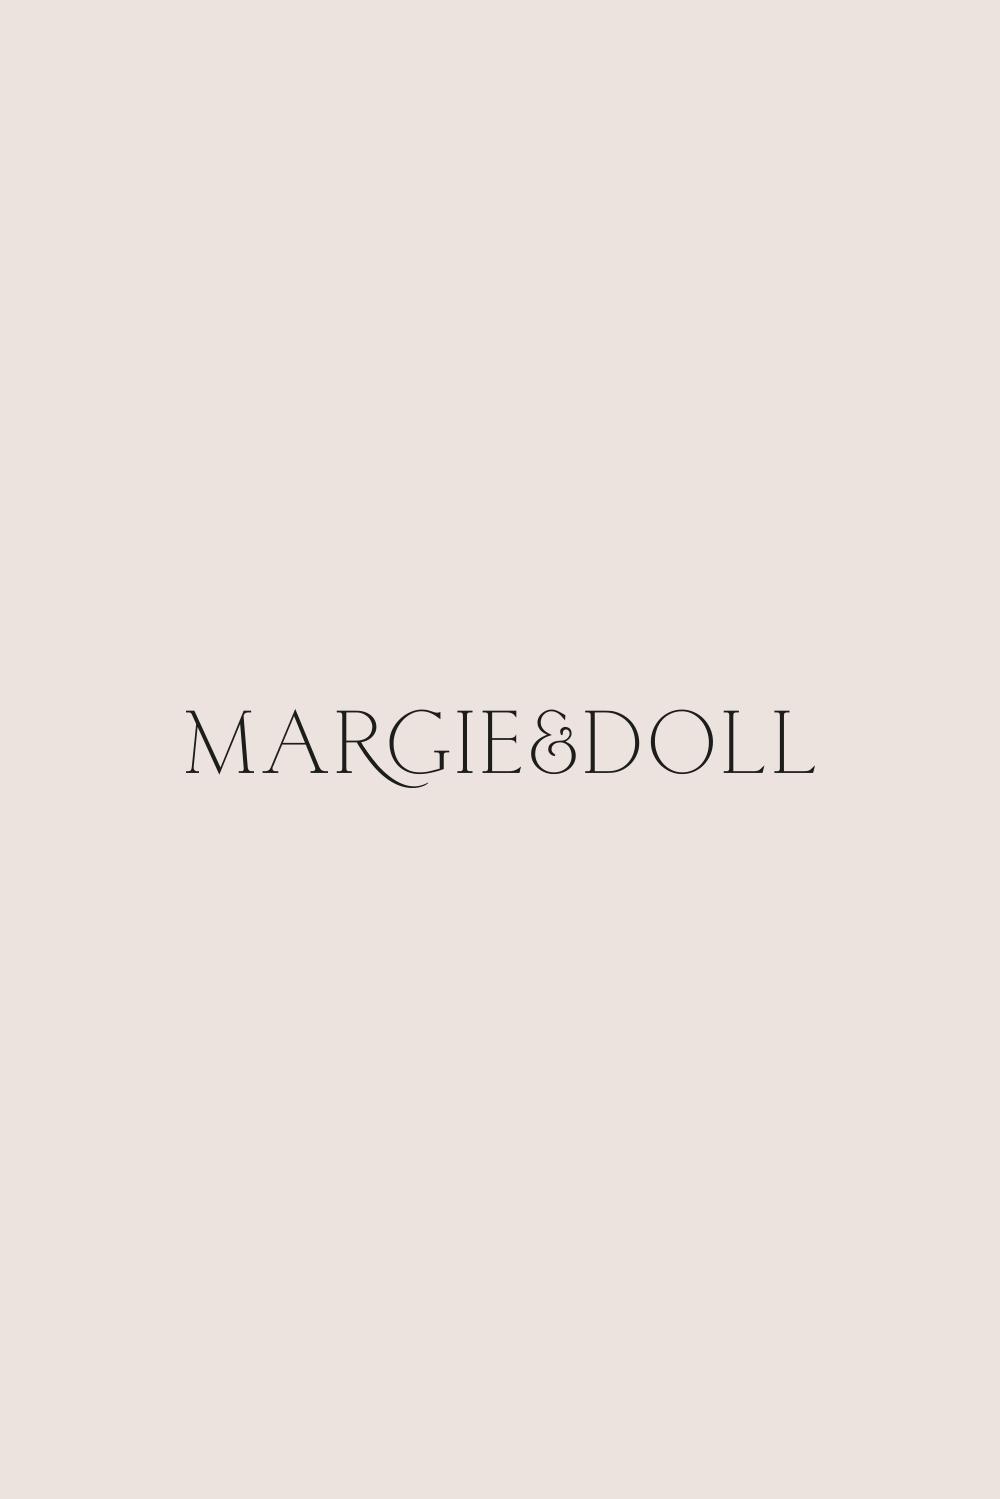 Margie & Doll | trudygeorgina.com